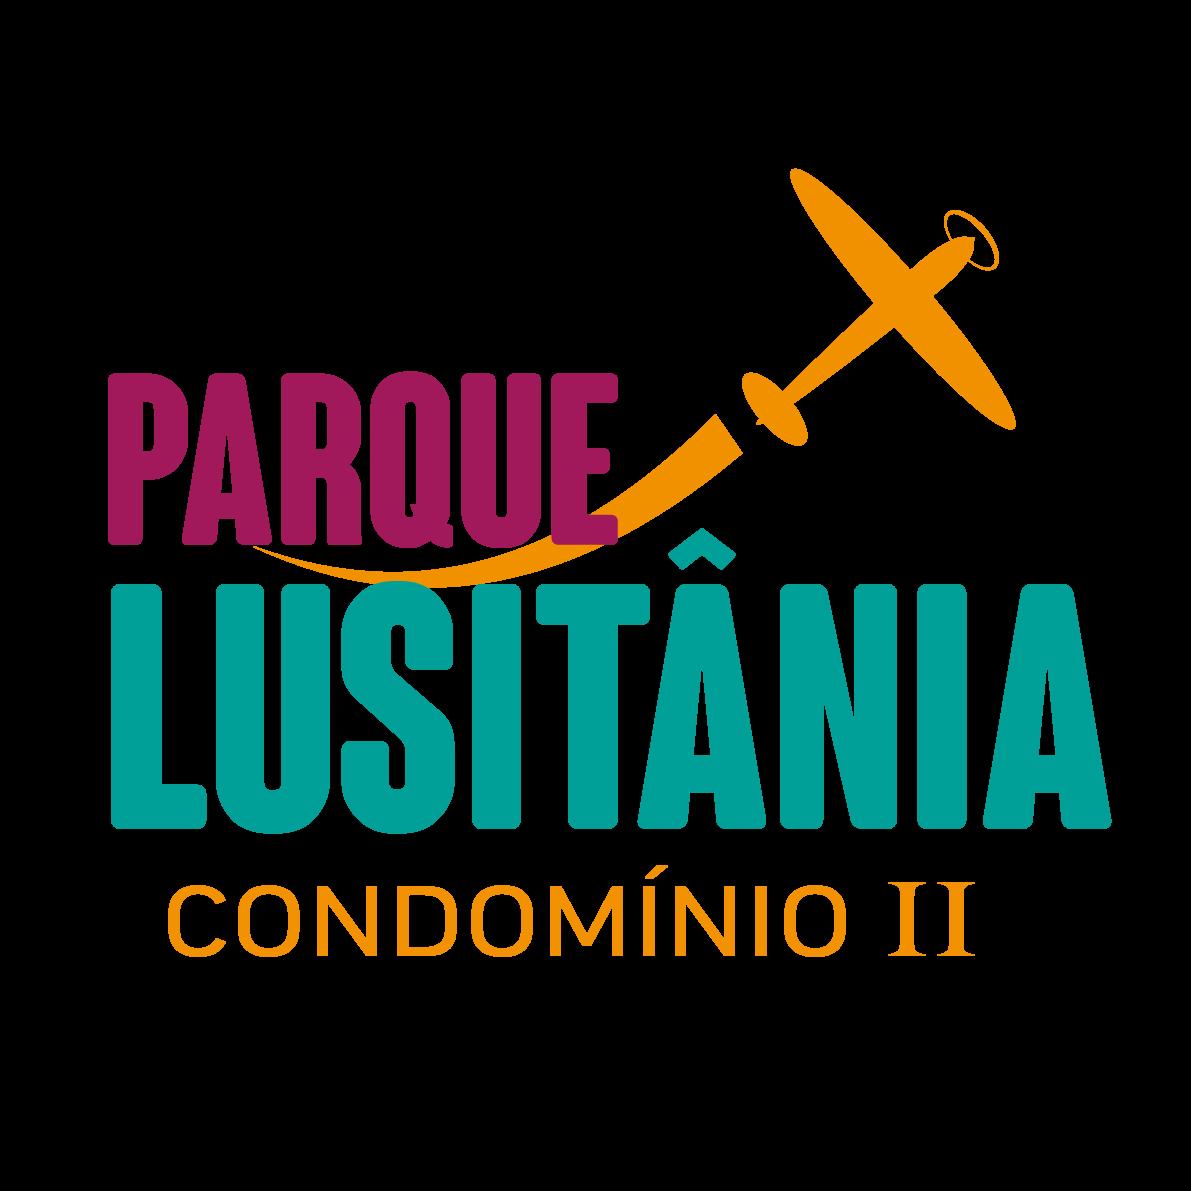 Logotipo Empreendimento Parque Lusitânia – Condomínio II   Apartamentos à venda   Tenda.com.br